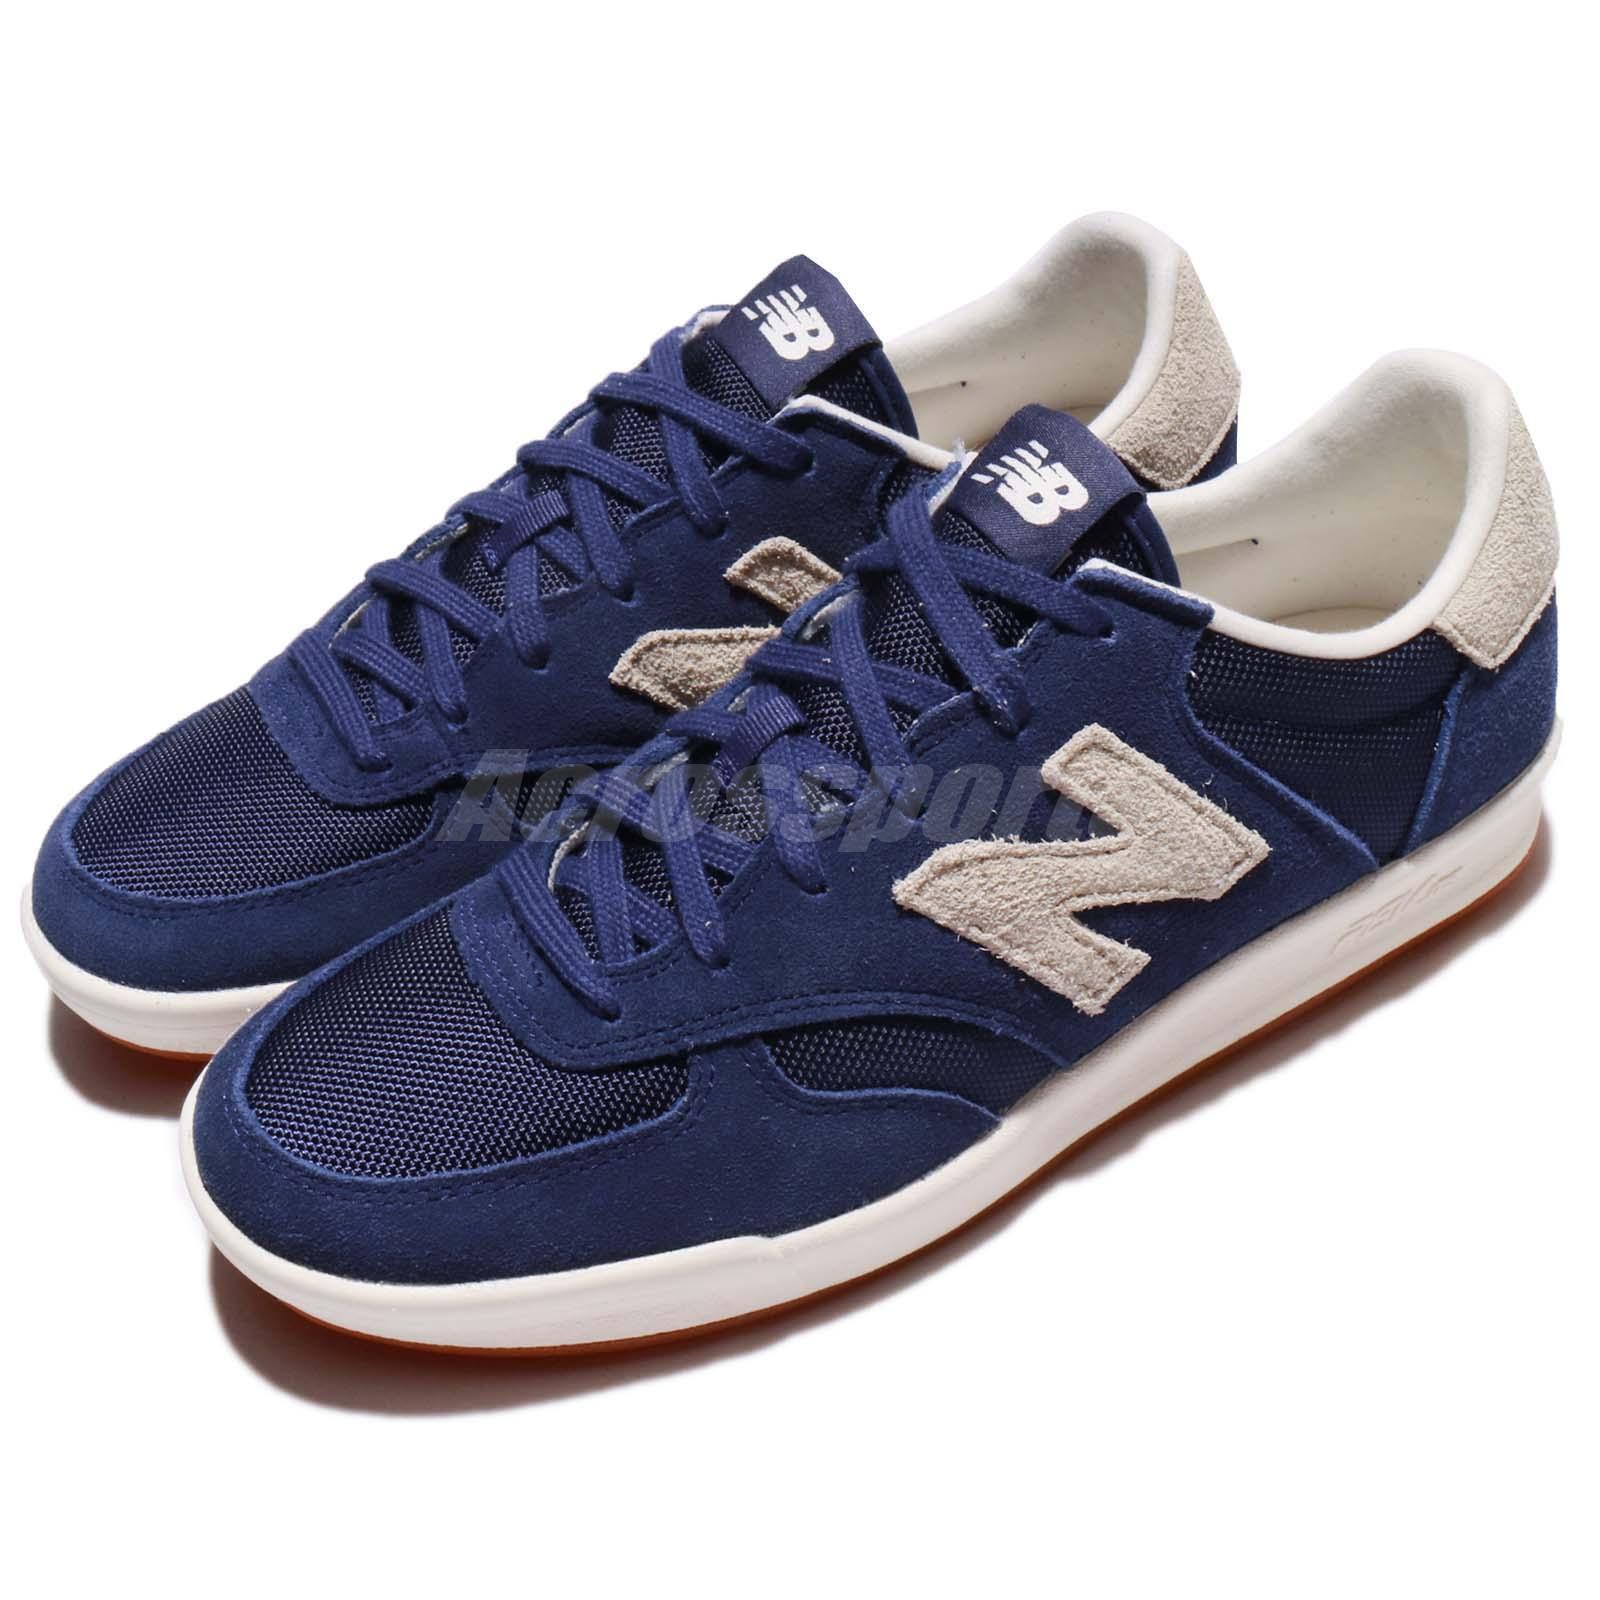 New Balance CRT300SM CRT300SM CRT300SM D 300 blu Ivory Suede Uomo scarpe scarpe da ginnastica CRT300 SMD 180d29